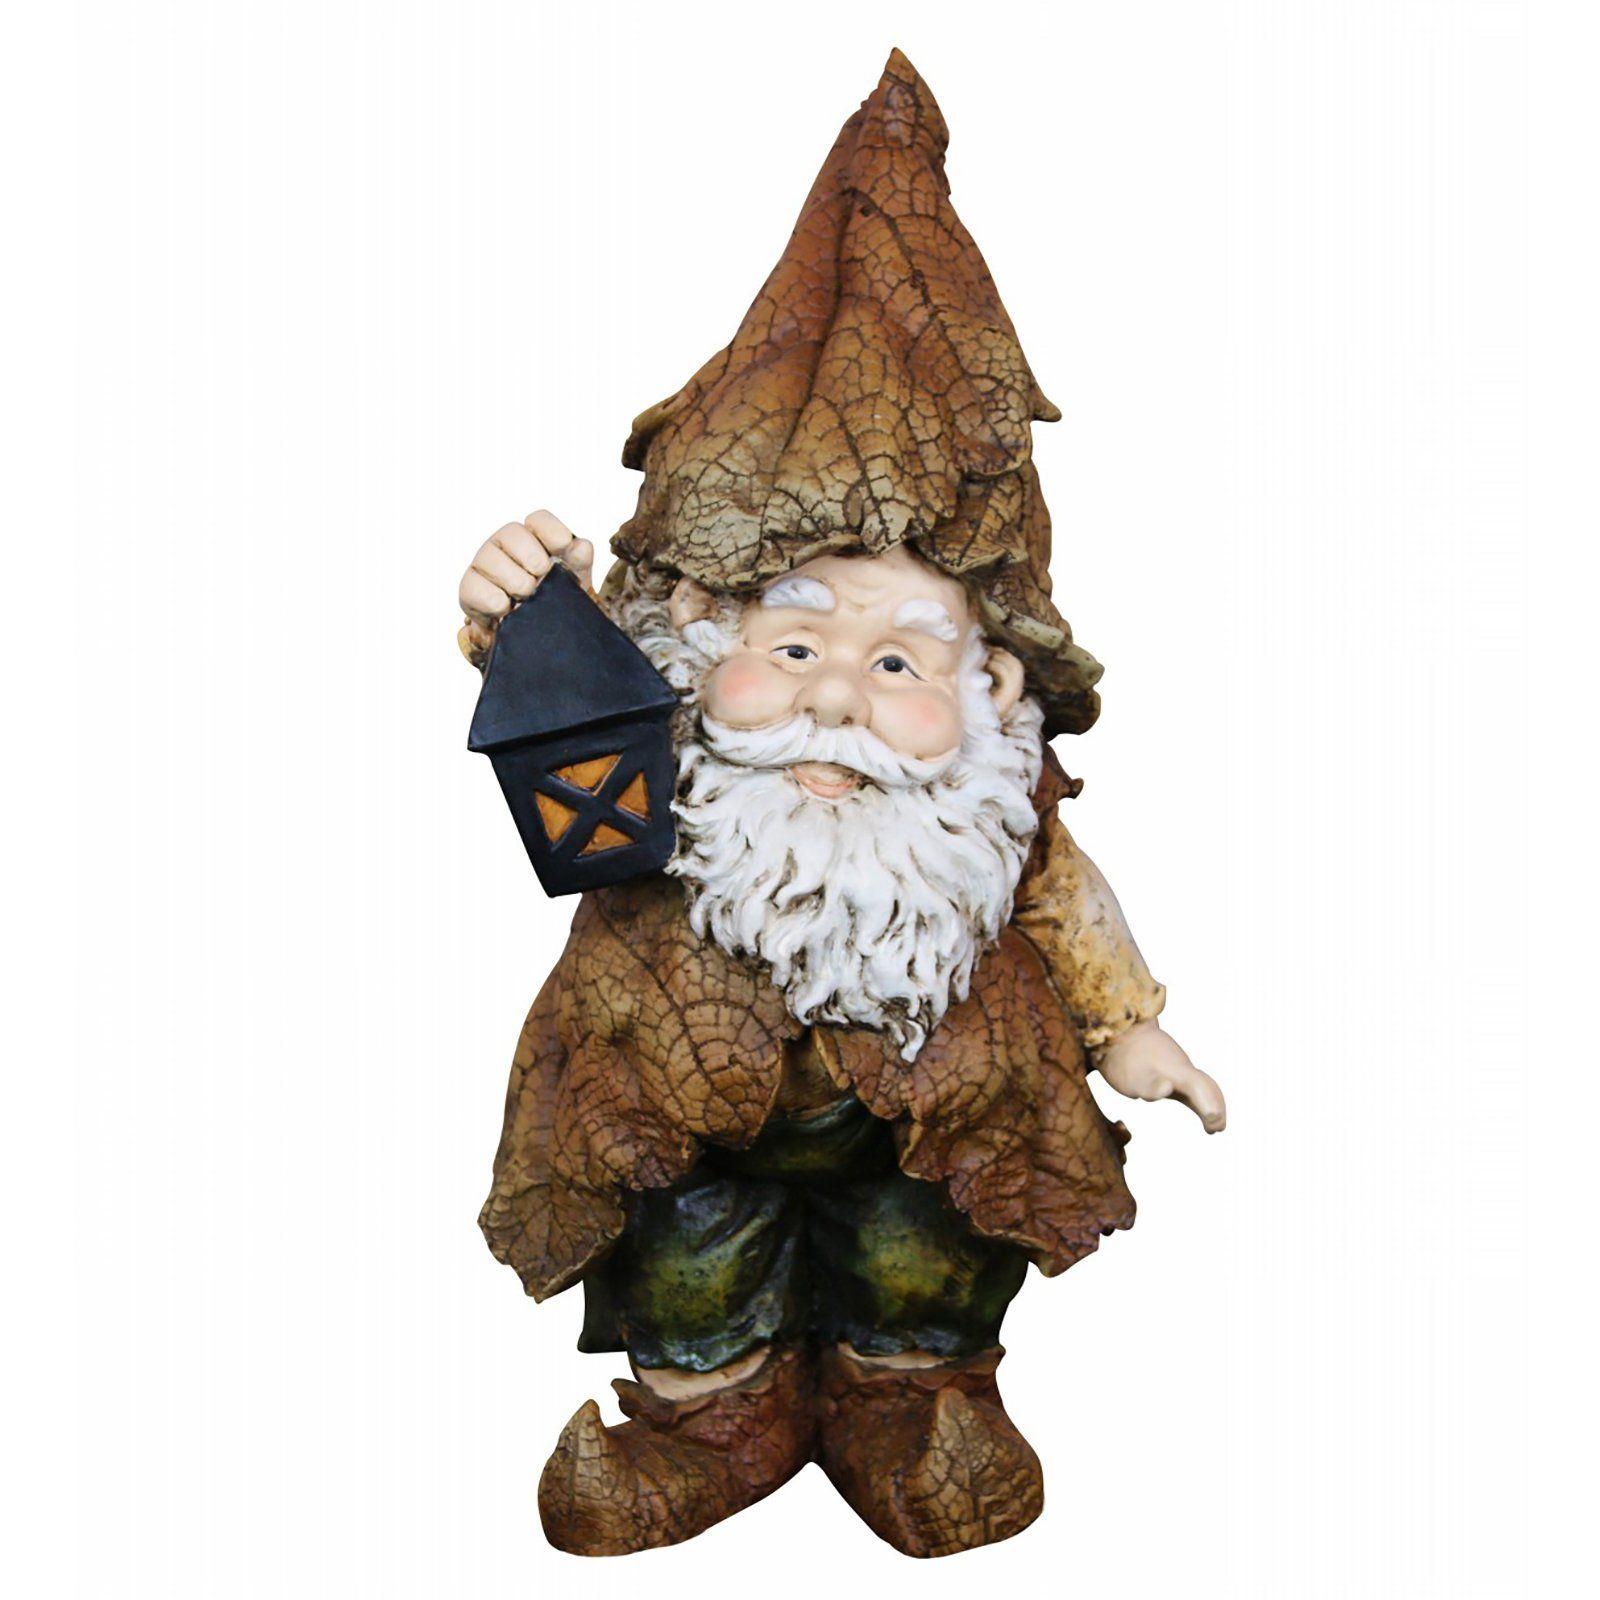 Alpine 15 in. Rainforest Gnome Garden Statue with Lantern